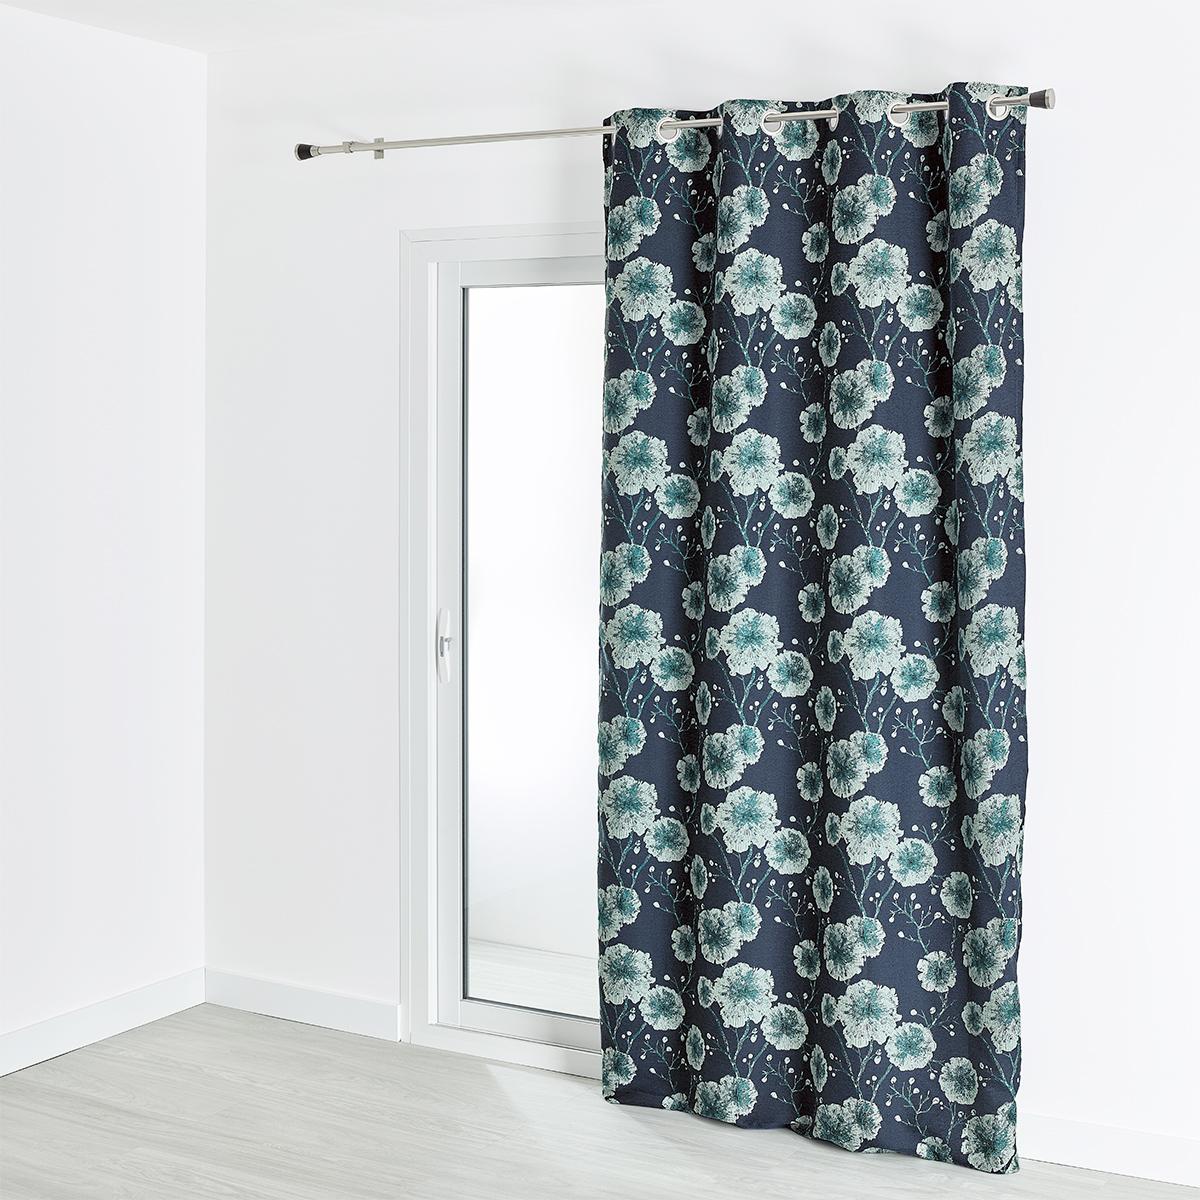 Rideau jacquard motif végétal grosses fleurs 140x260 cm (Bleu)